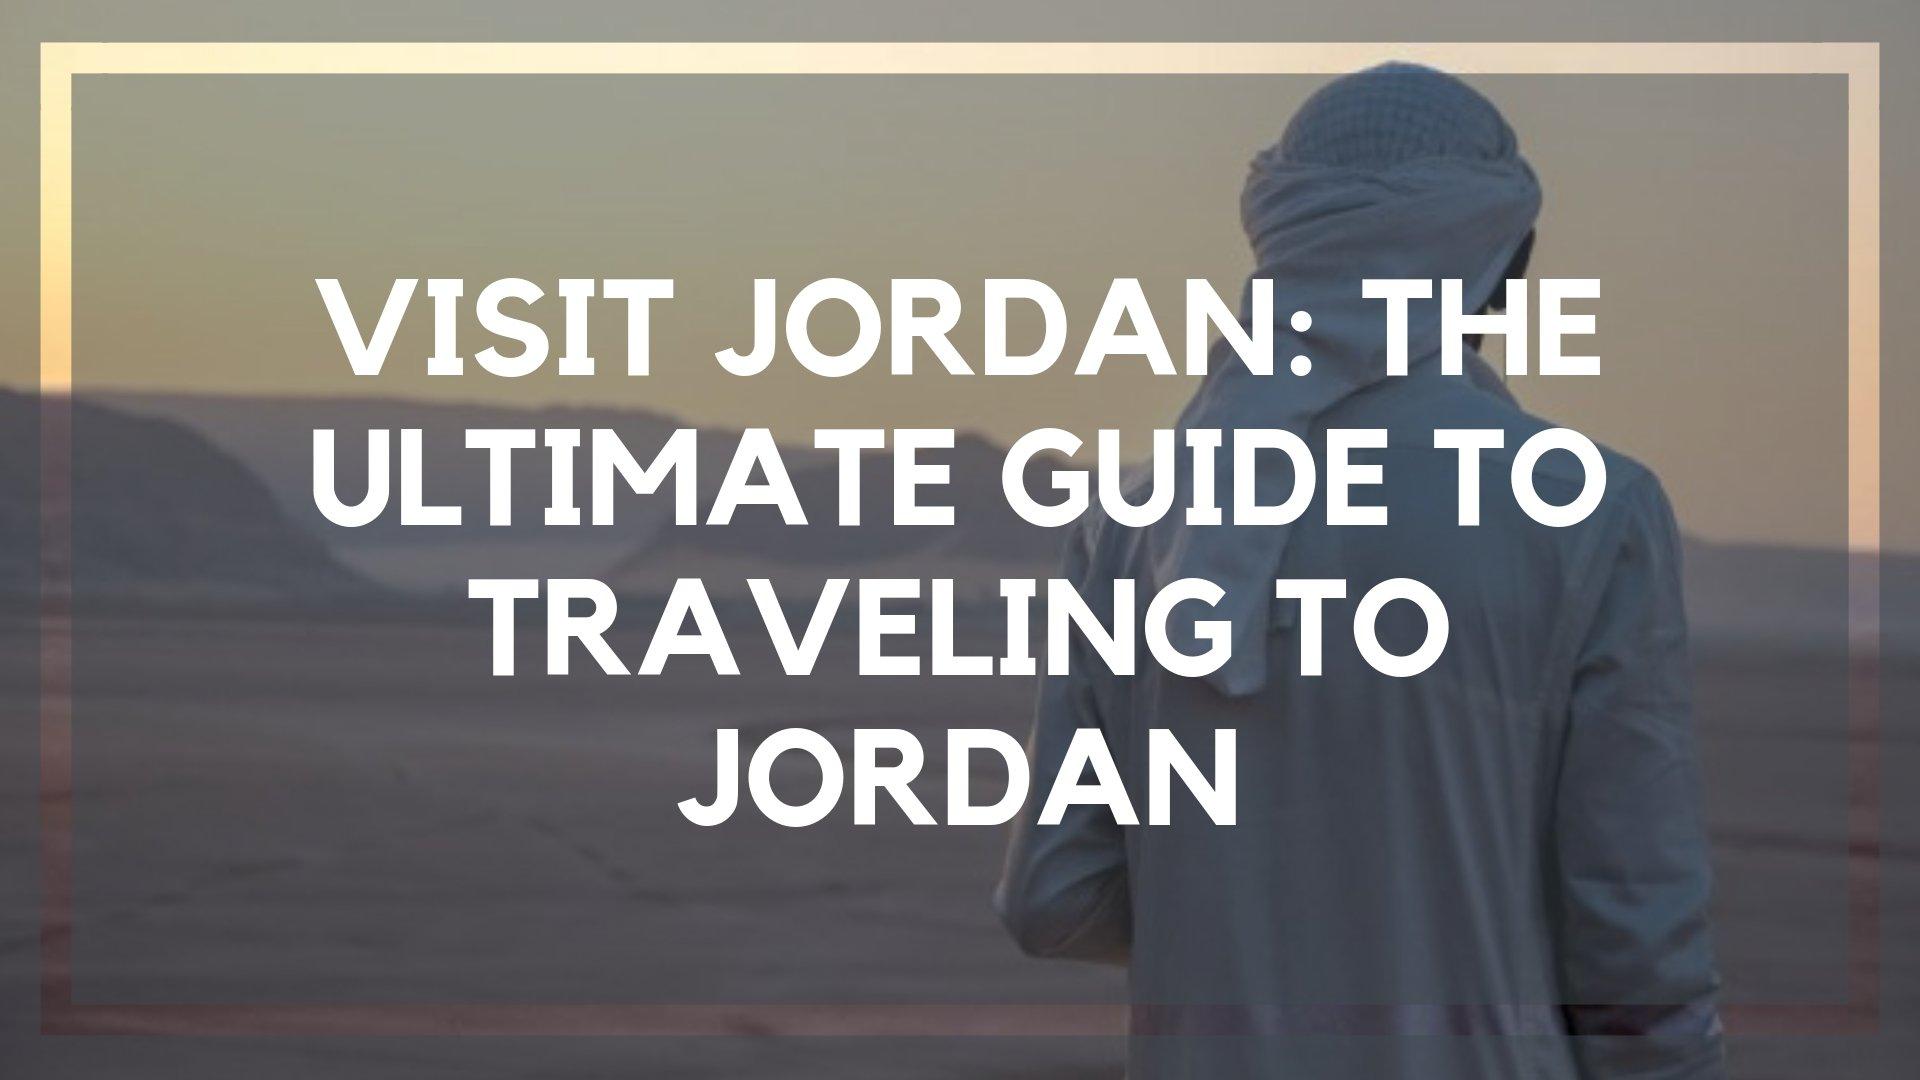 Visit Jordan: The Ultimate Guide to Traveling to Jordan